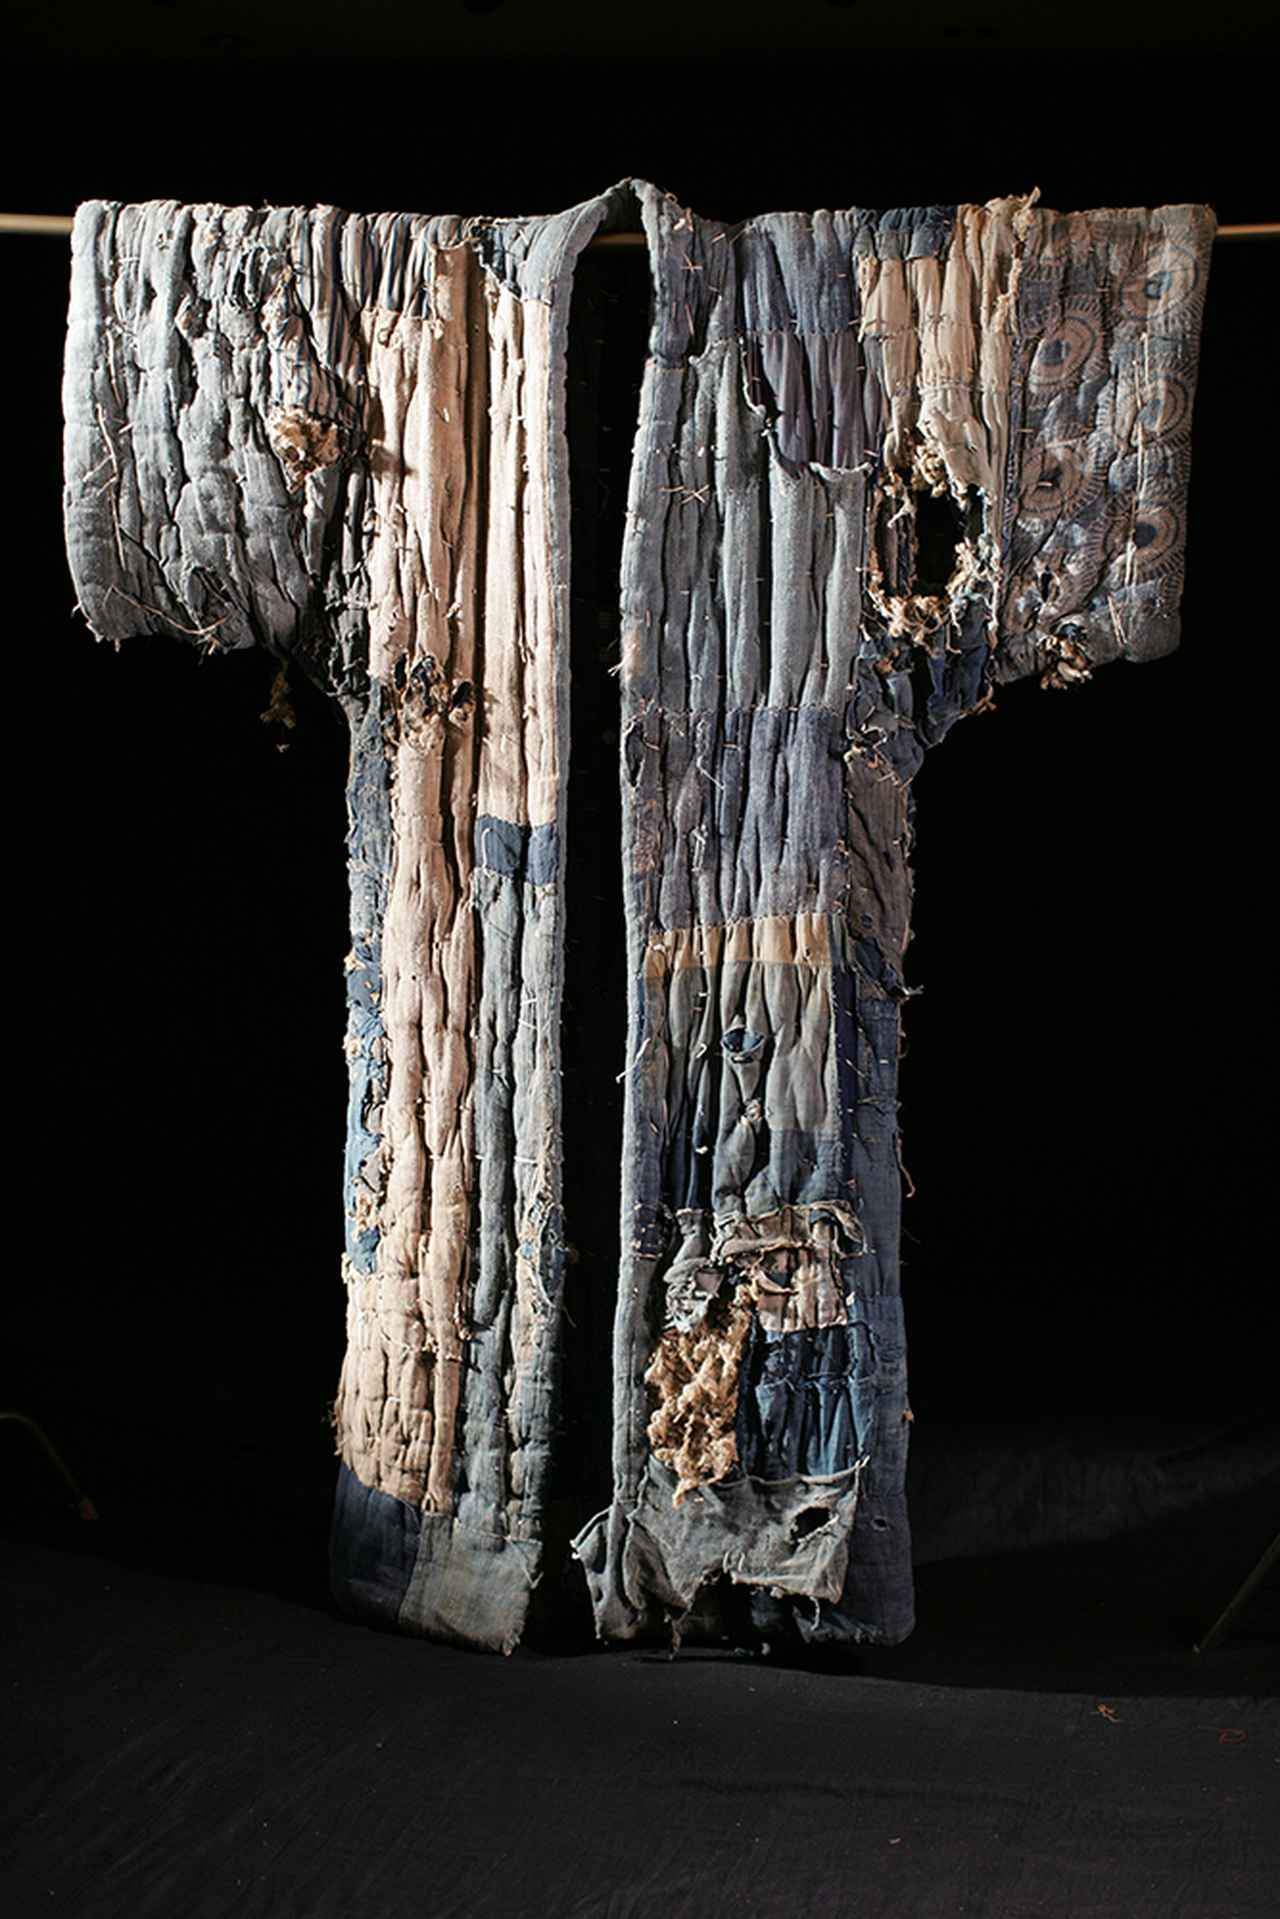 画像: どんじゃ 19~20 世紀 青森県南部民俗資料 アミューズミュージアム / 田中忠三郎コレクションAmuse Museum, Collection of Chuzaburo Tanaka